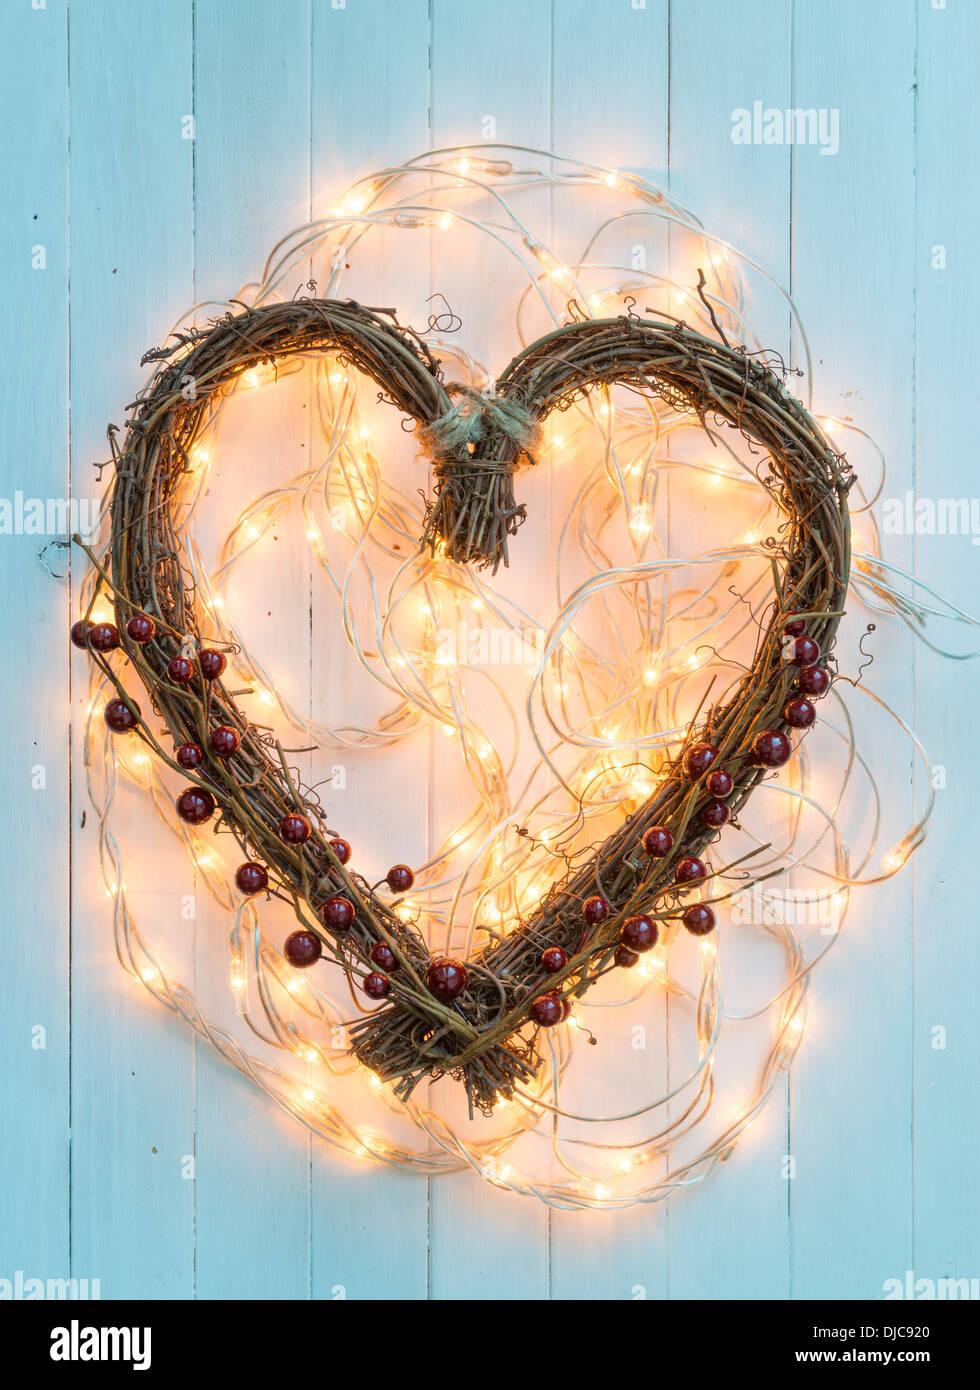 Decoración de Navidad en forma de corazón Imagen De Stock